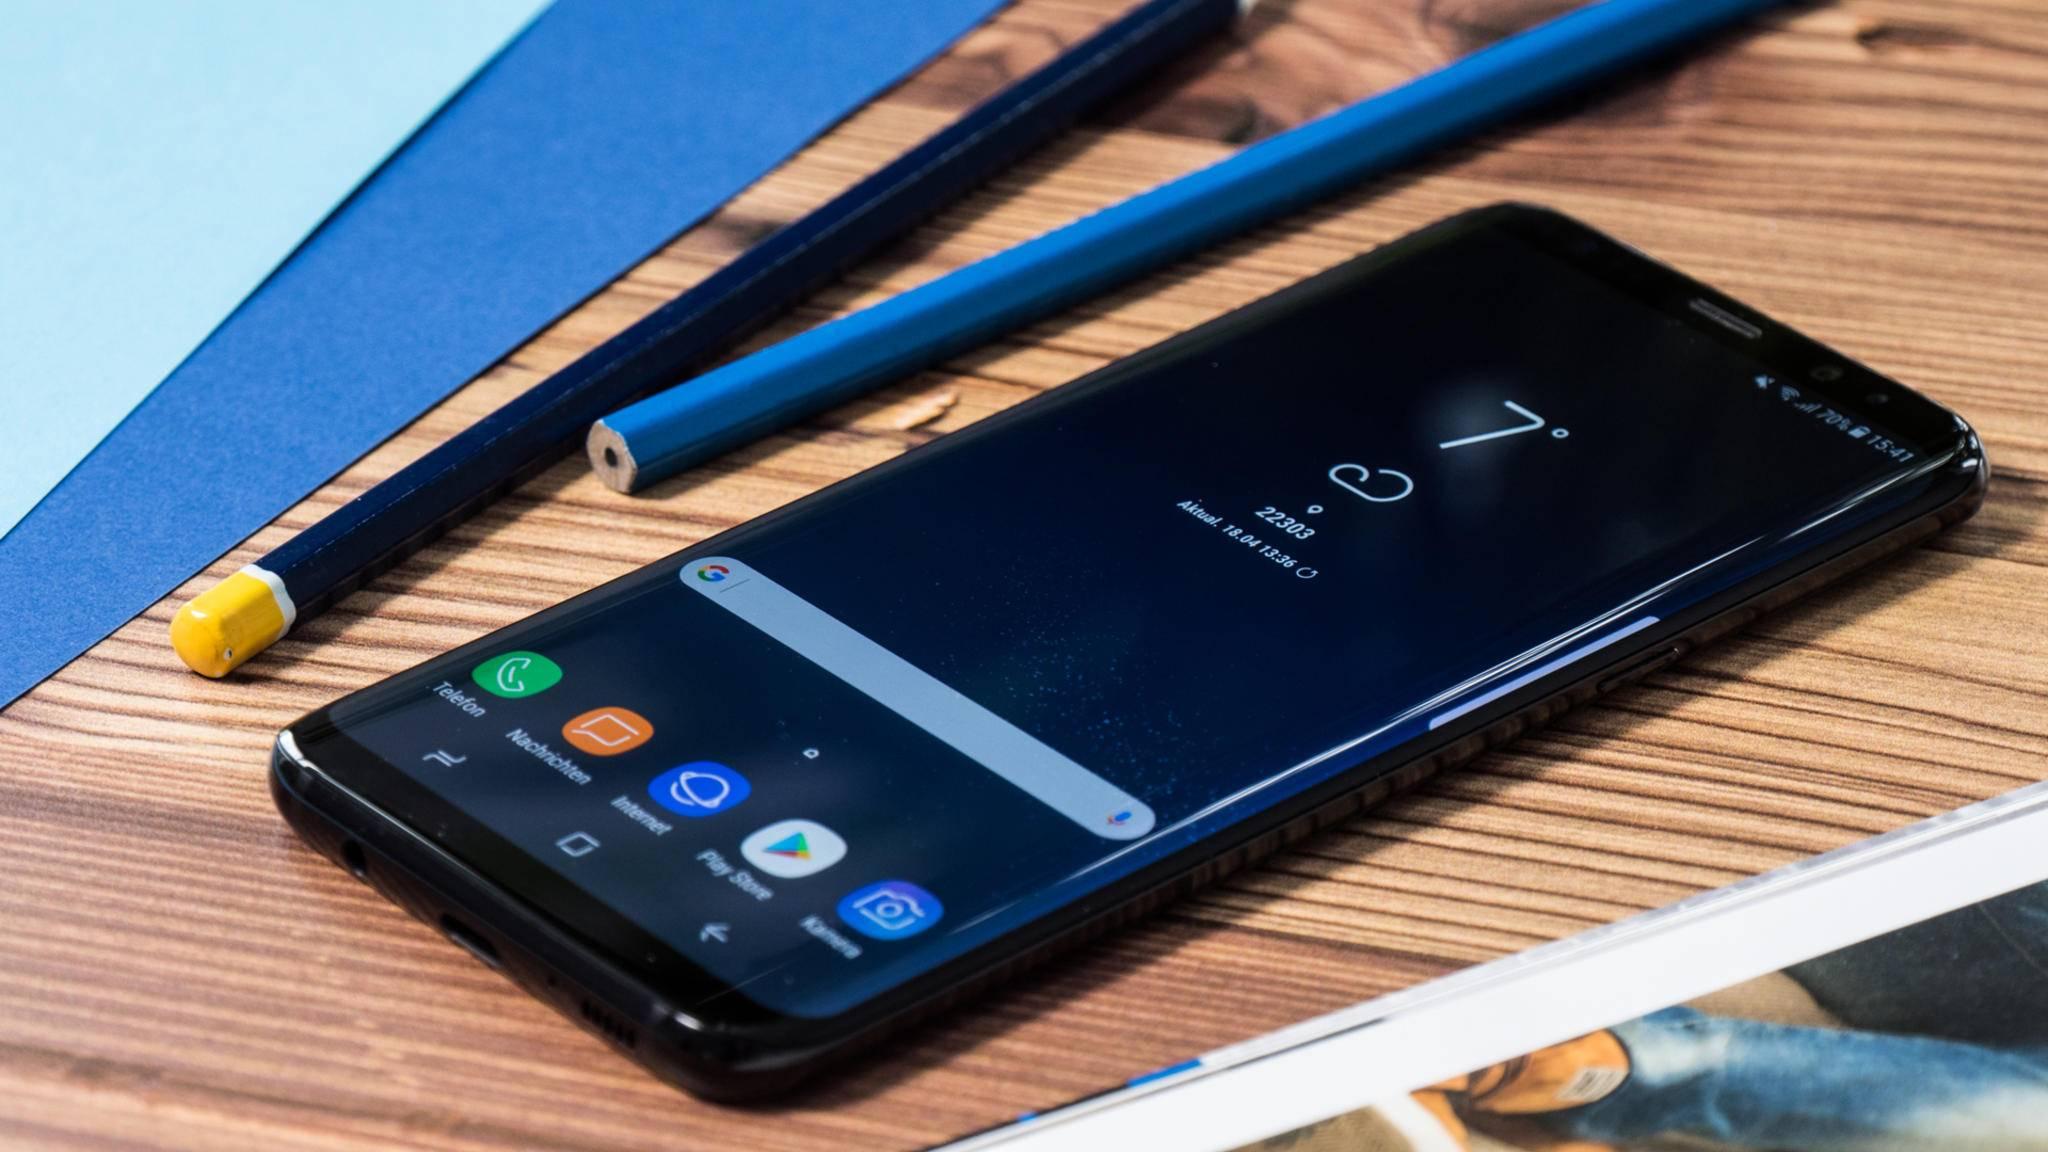 Mit Find my Mobile lässt sich das Samsung-Handy überall orten.